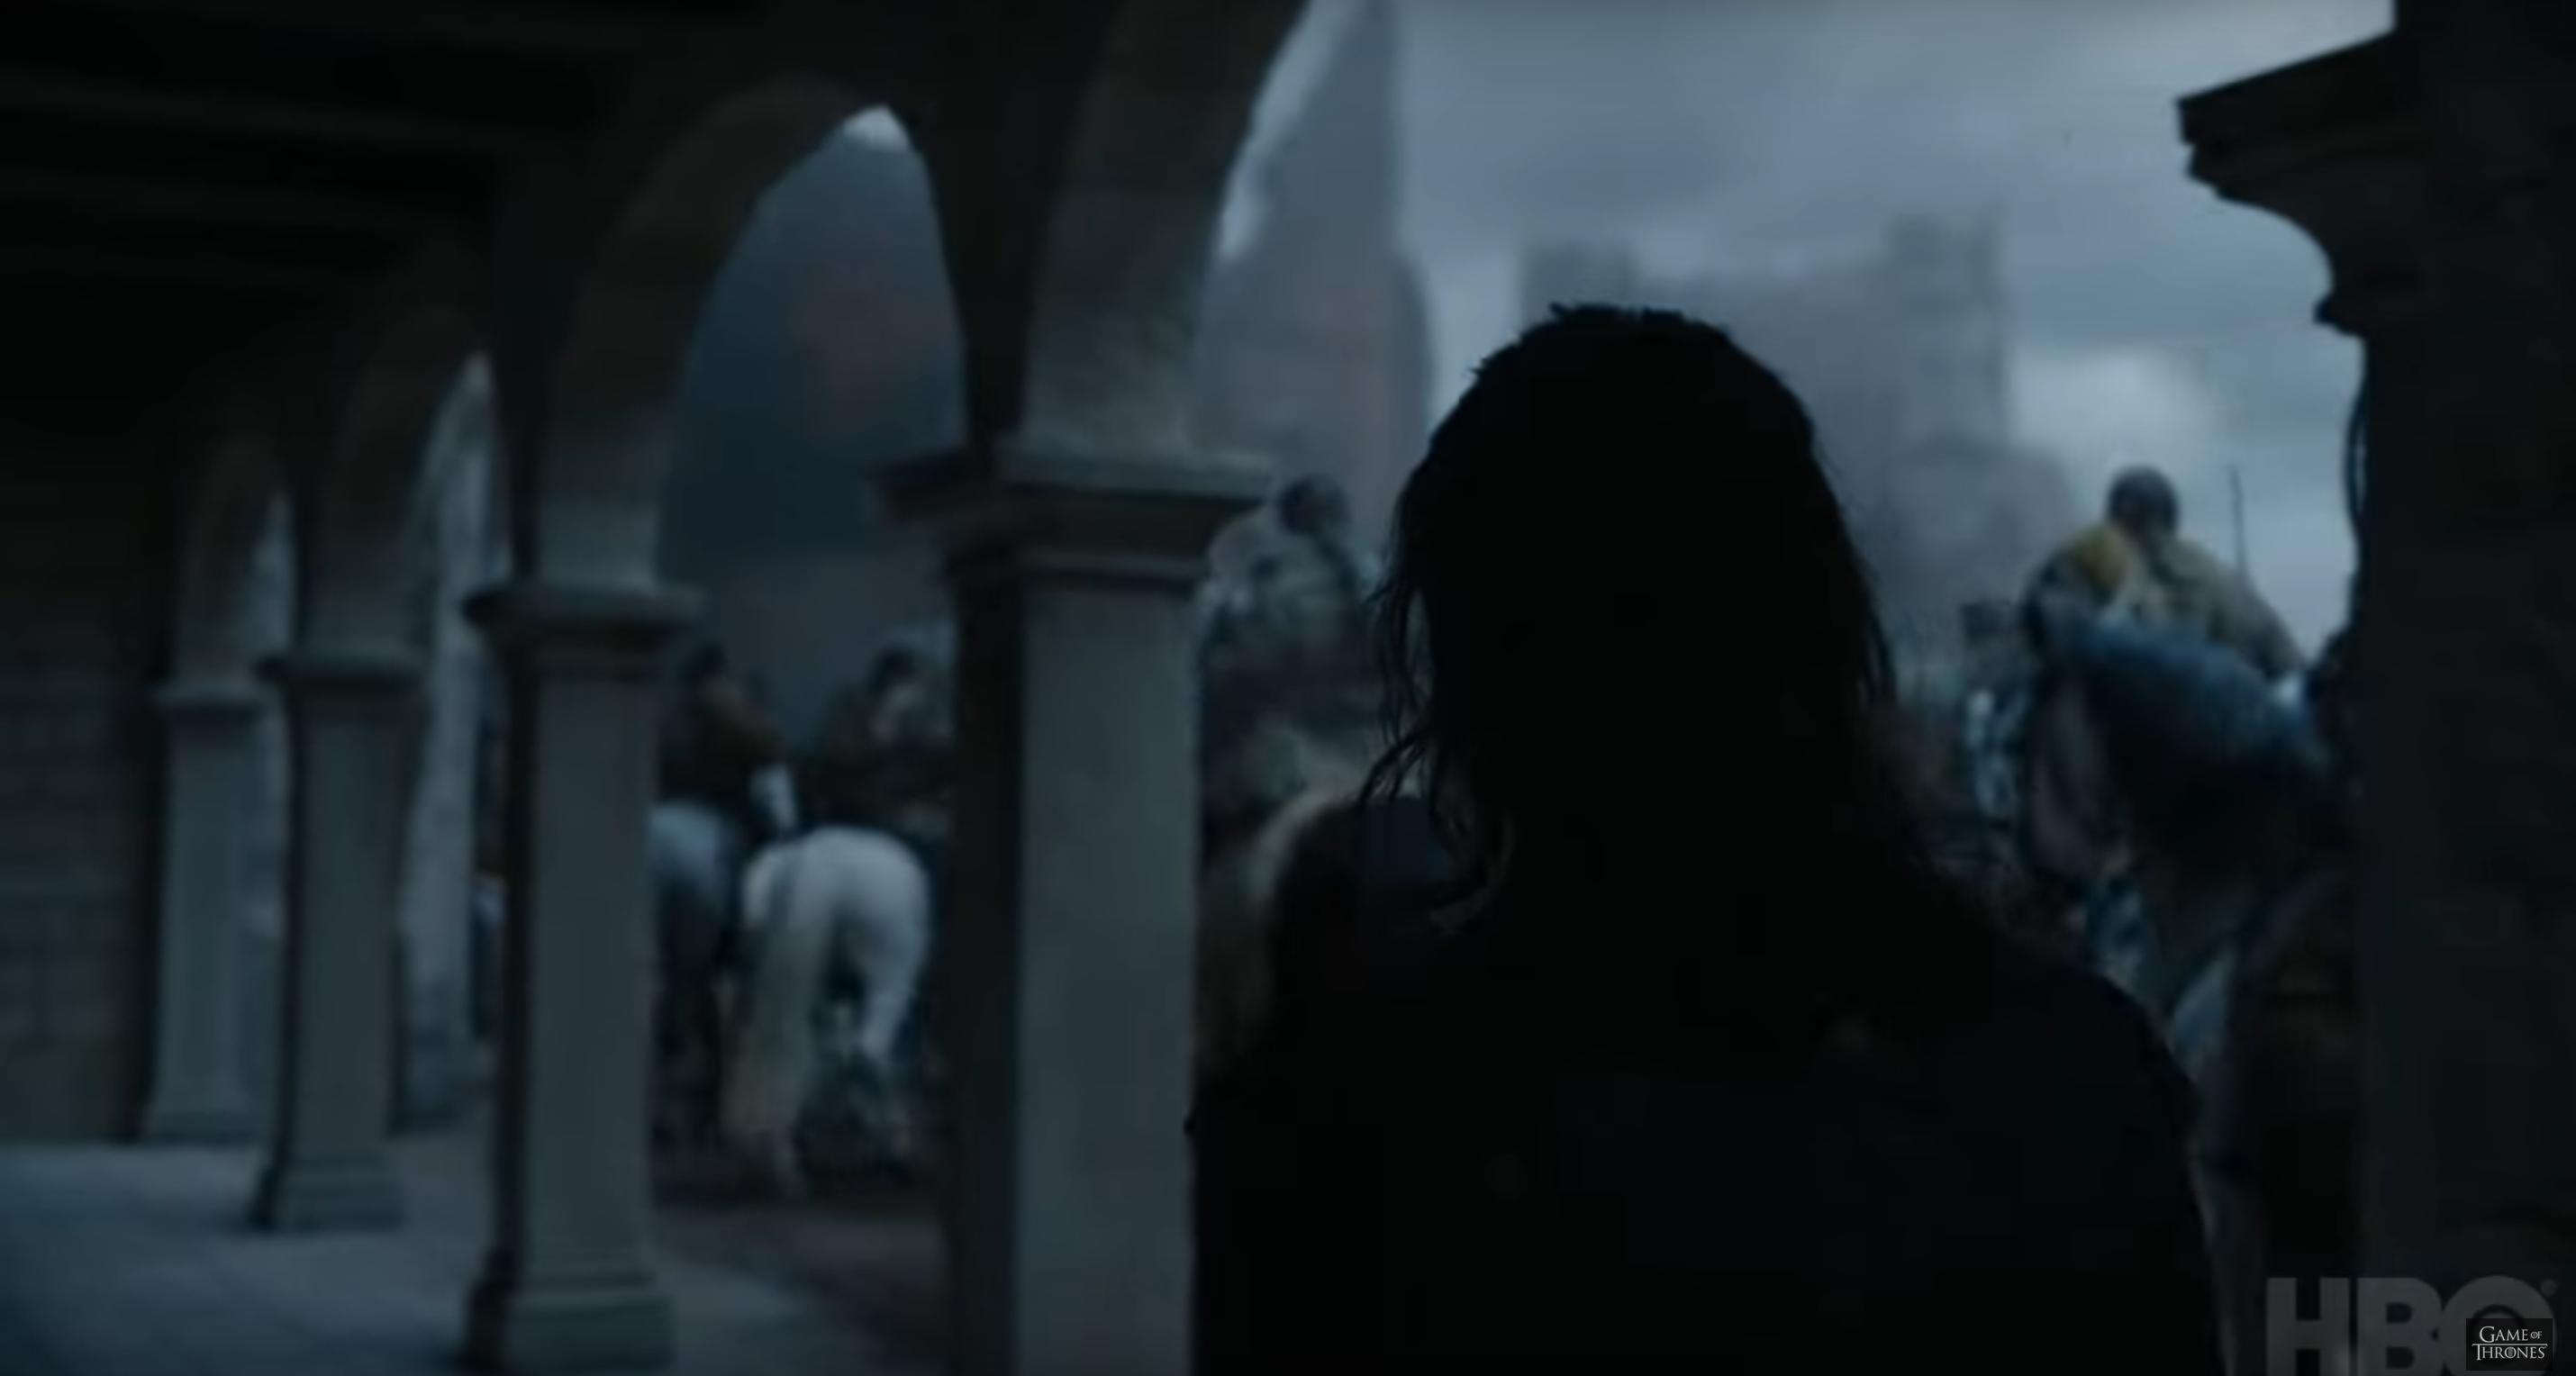 Game of Thrones arya de dos